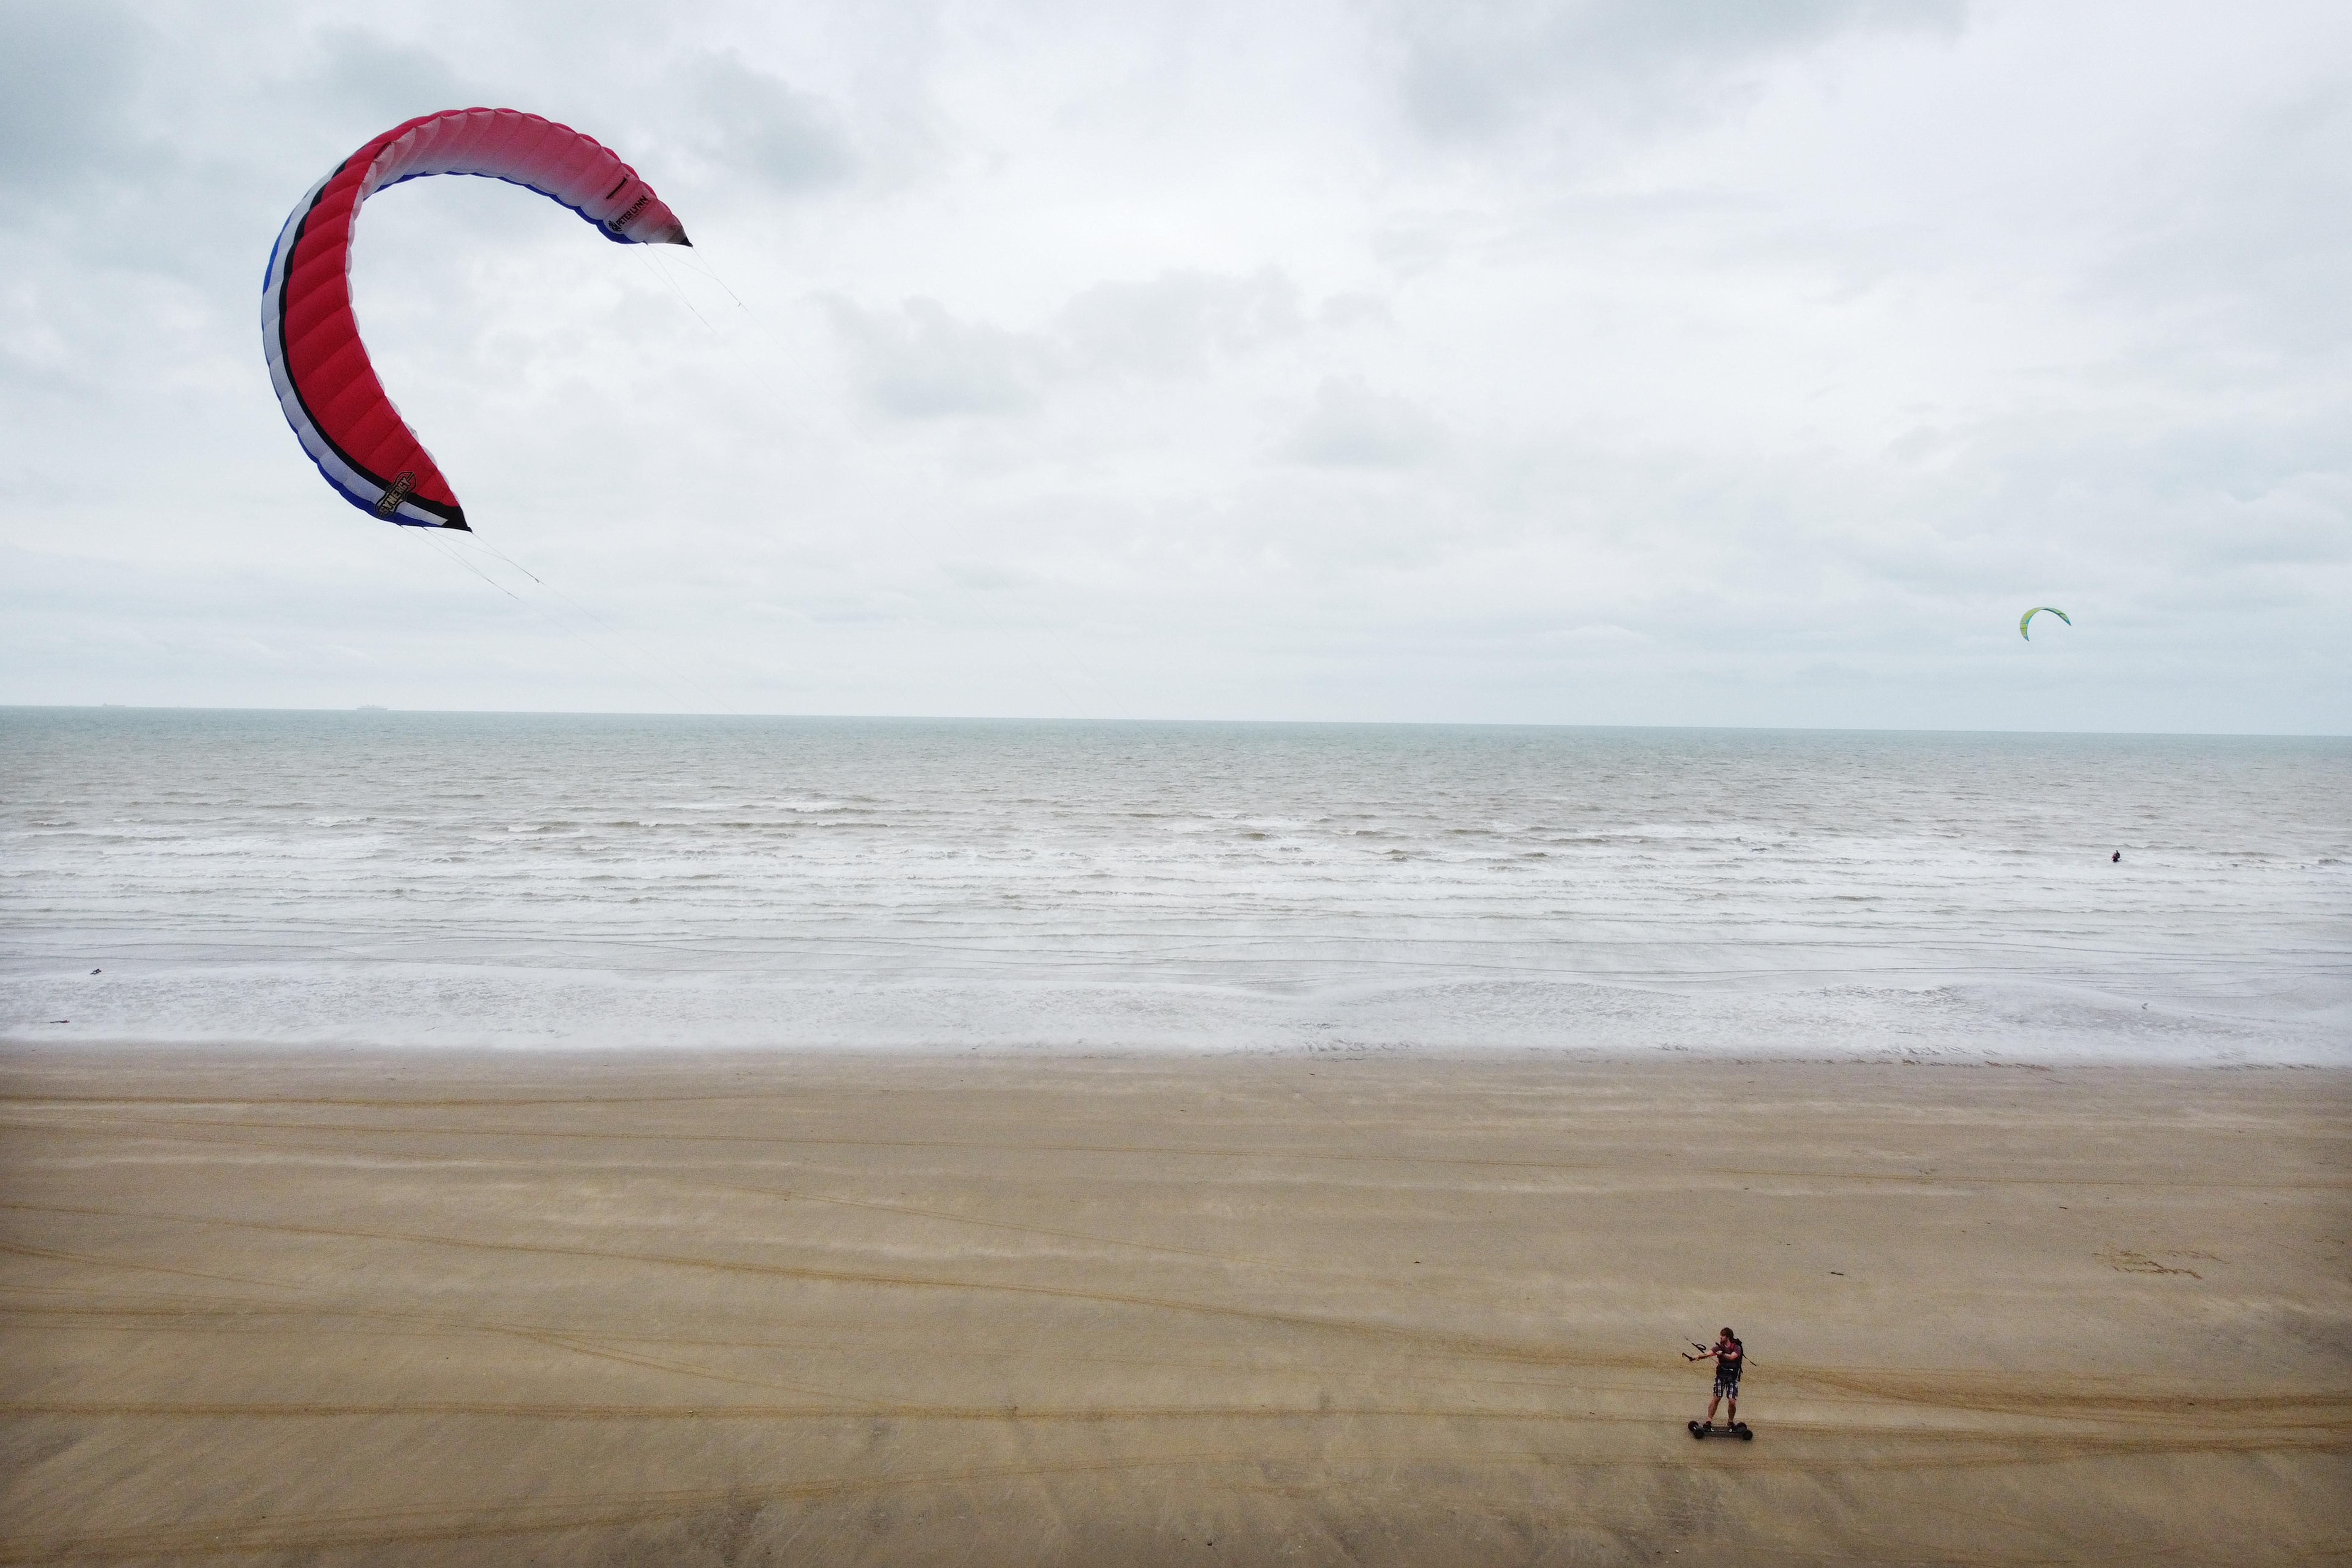 Belekapott a szél egy floridai kite-szörfös ernyőjébe, 122 métert repítette, és egy házfalhoz vágta